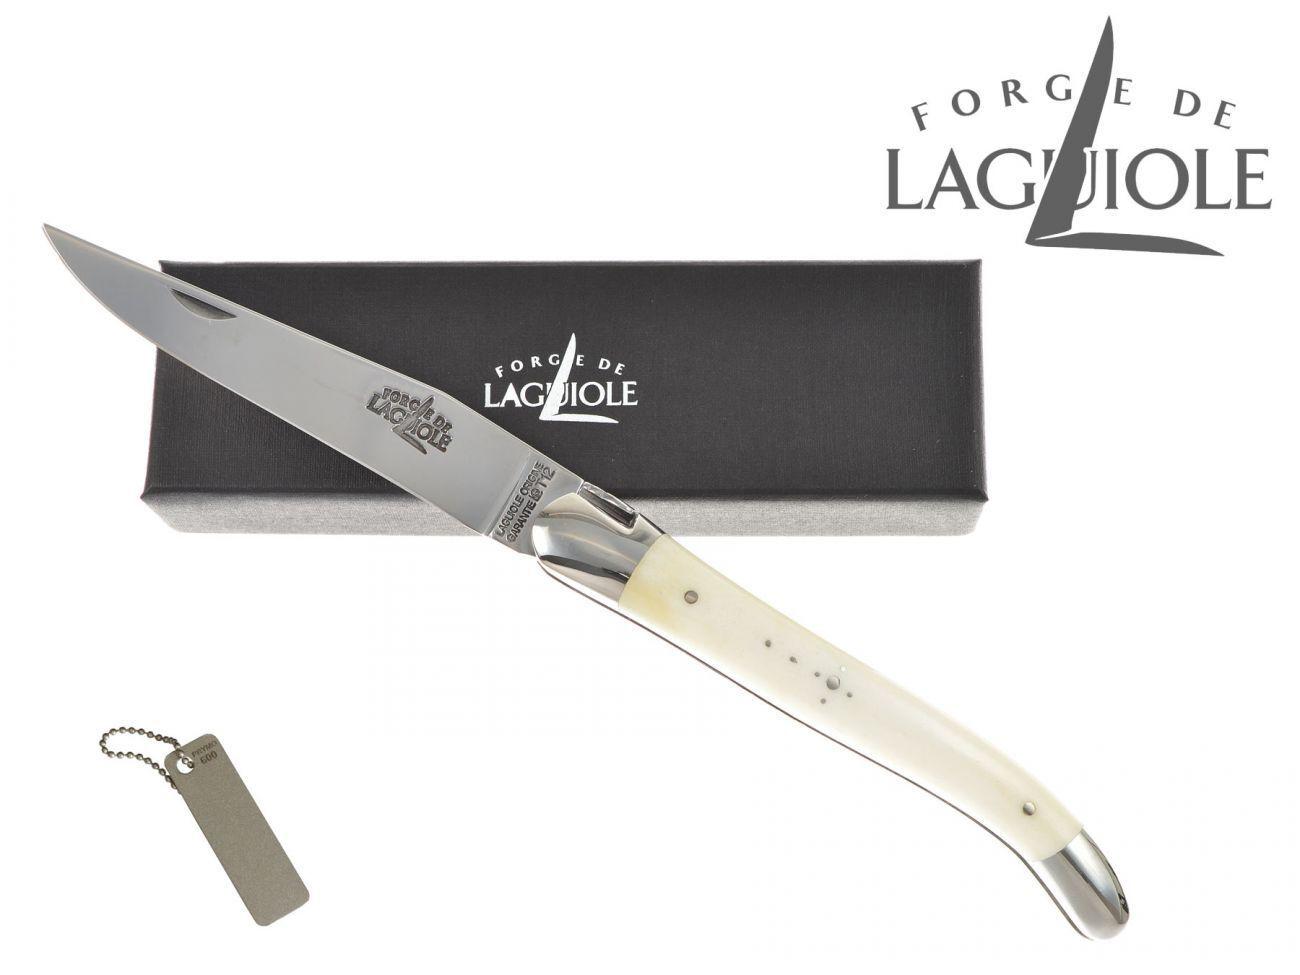 Forge de Laguiole couteau canif couteau pliant 11 cm jambe OS